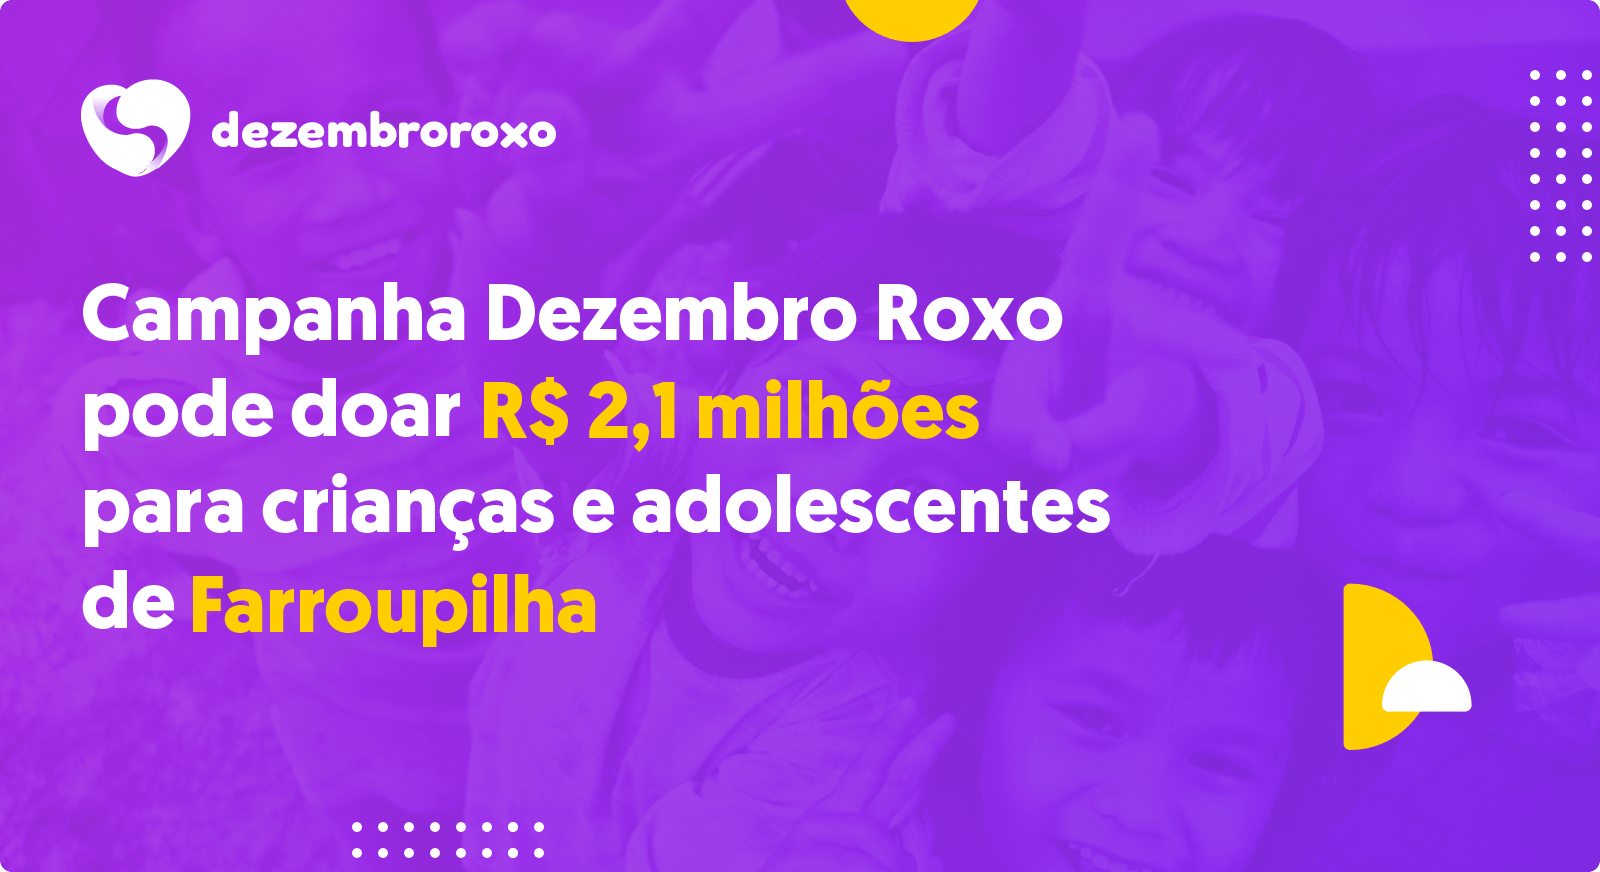 Doações em Farroupilha - RS